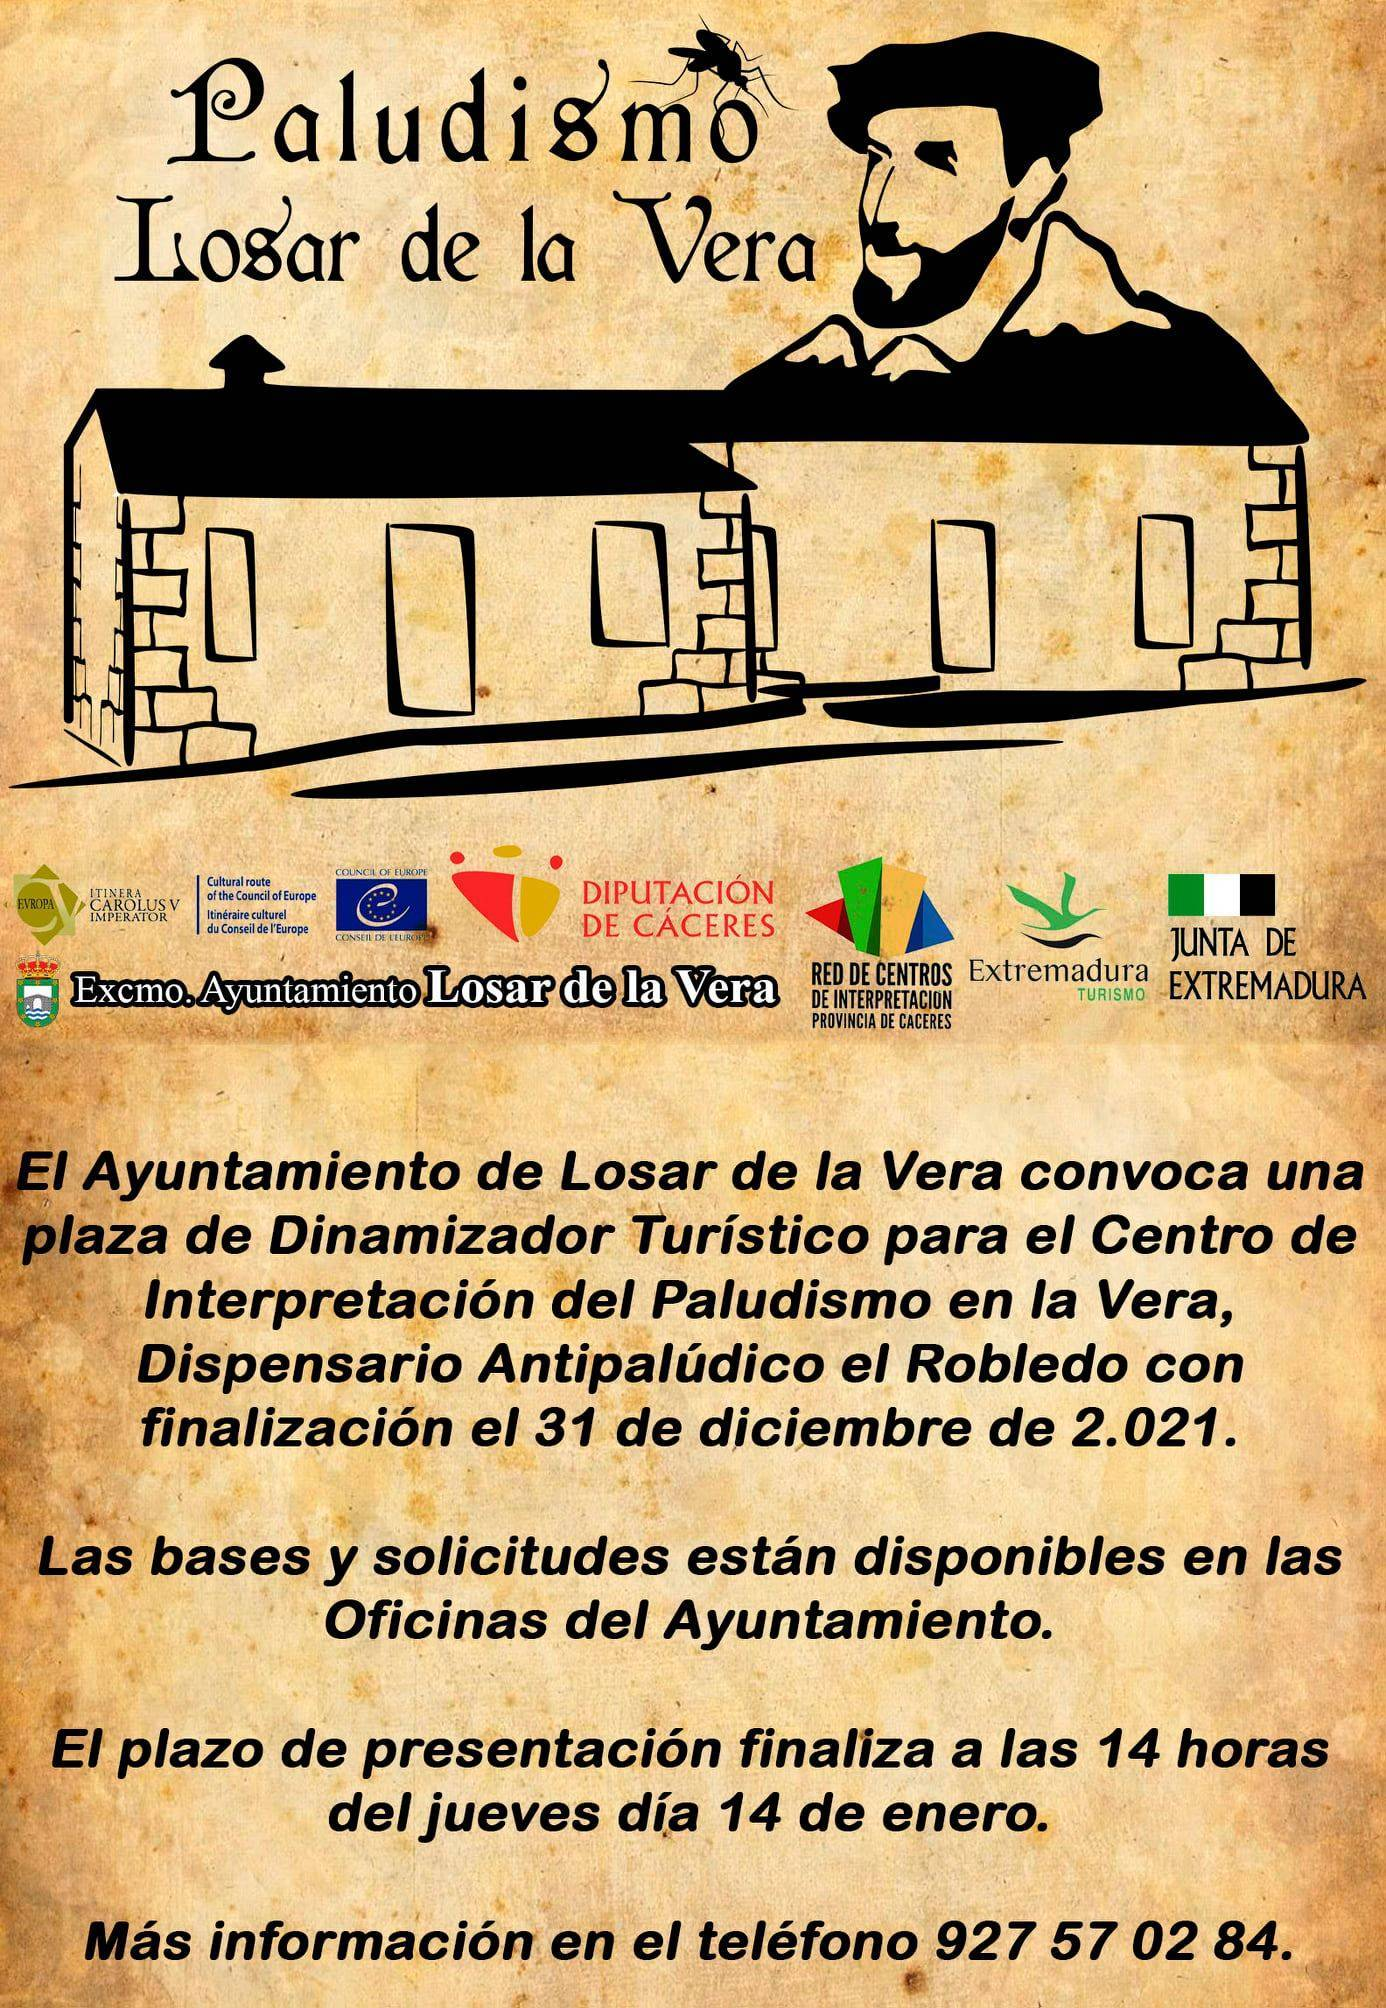 Dinamizador turístico (2021) - Losar de la Vera (Cáceres)